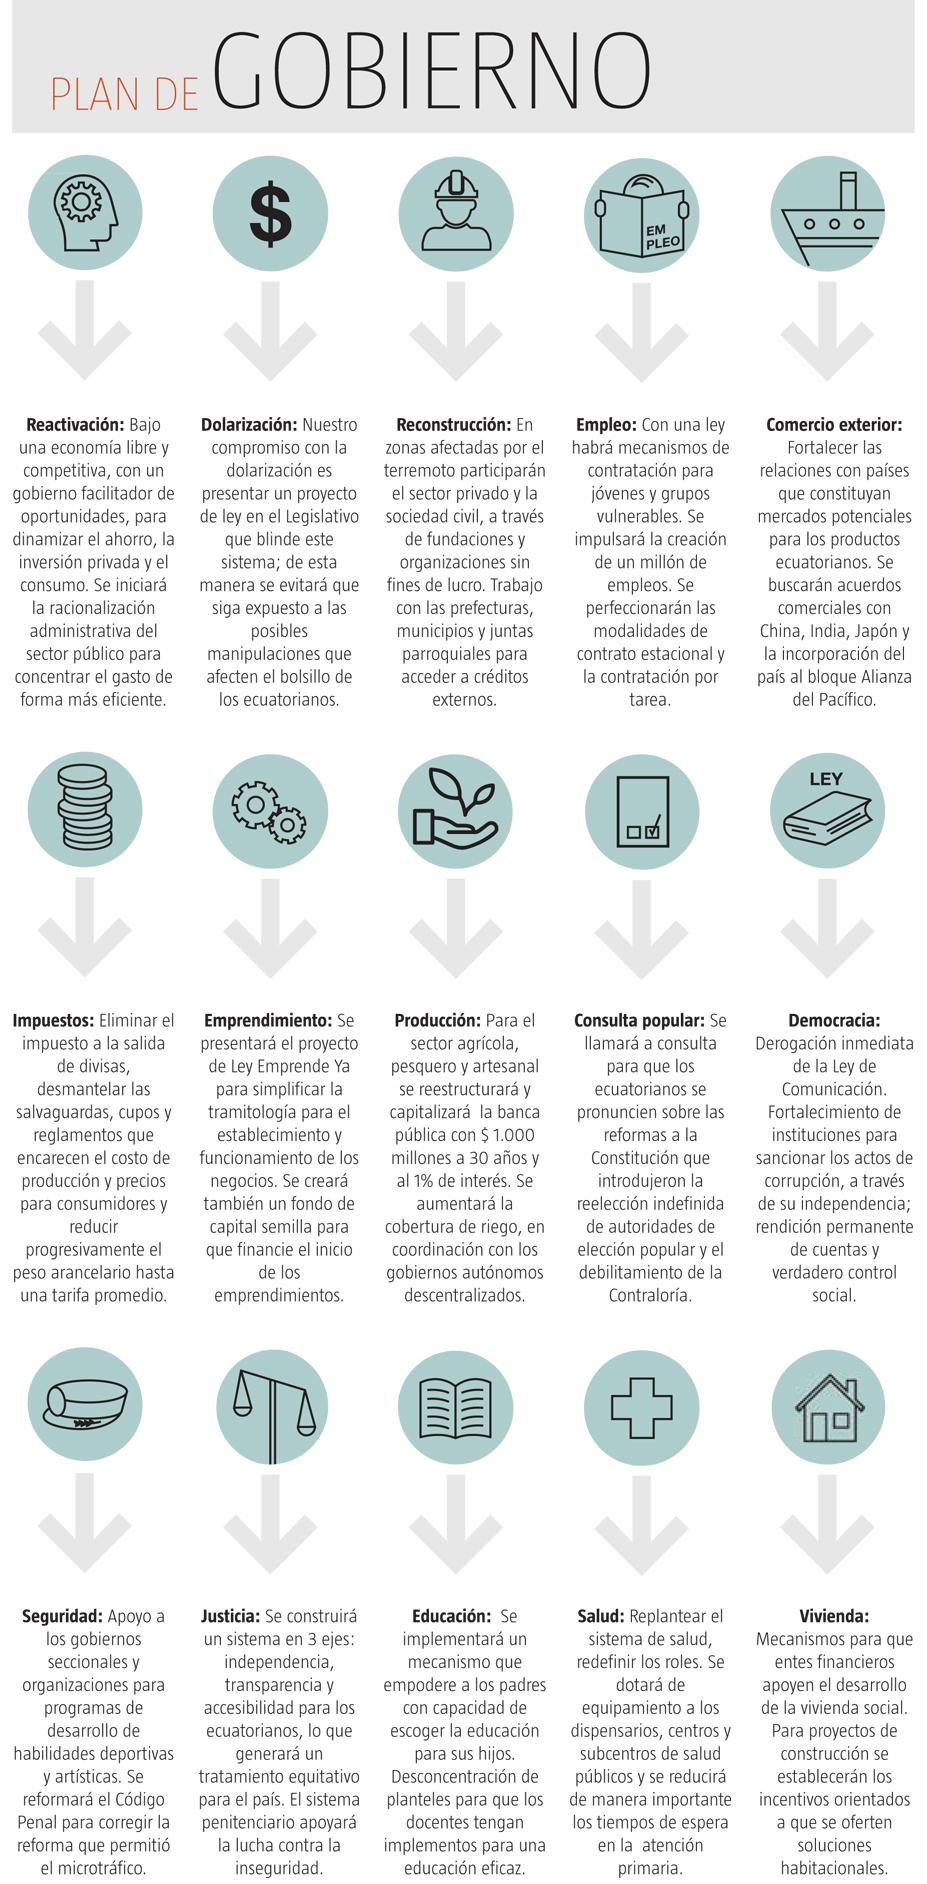 Propuestas Fundamentales de Guillermo Lasso CREO Foros Ecuador 2018